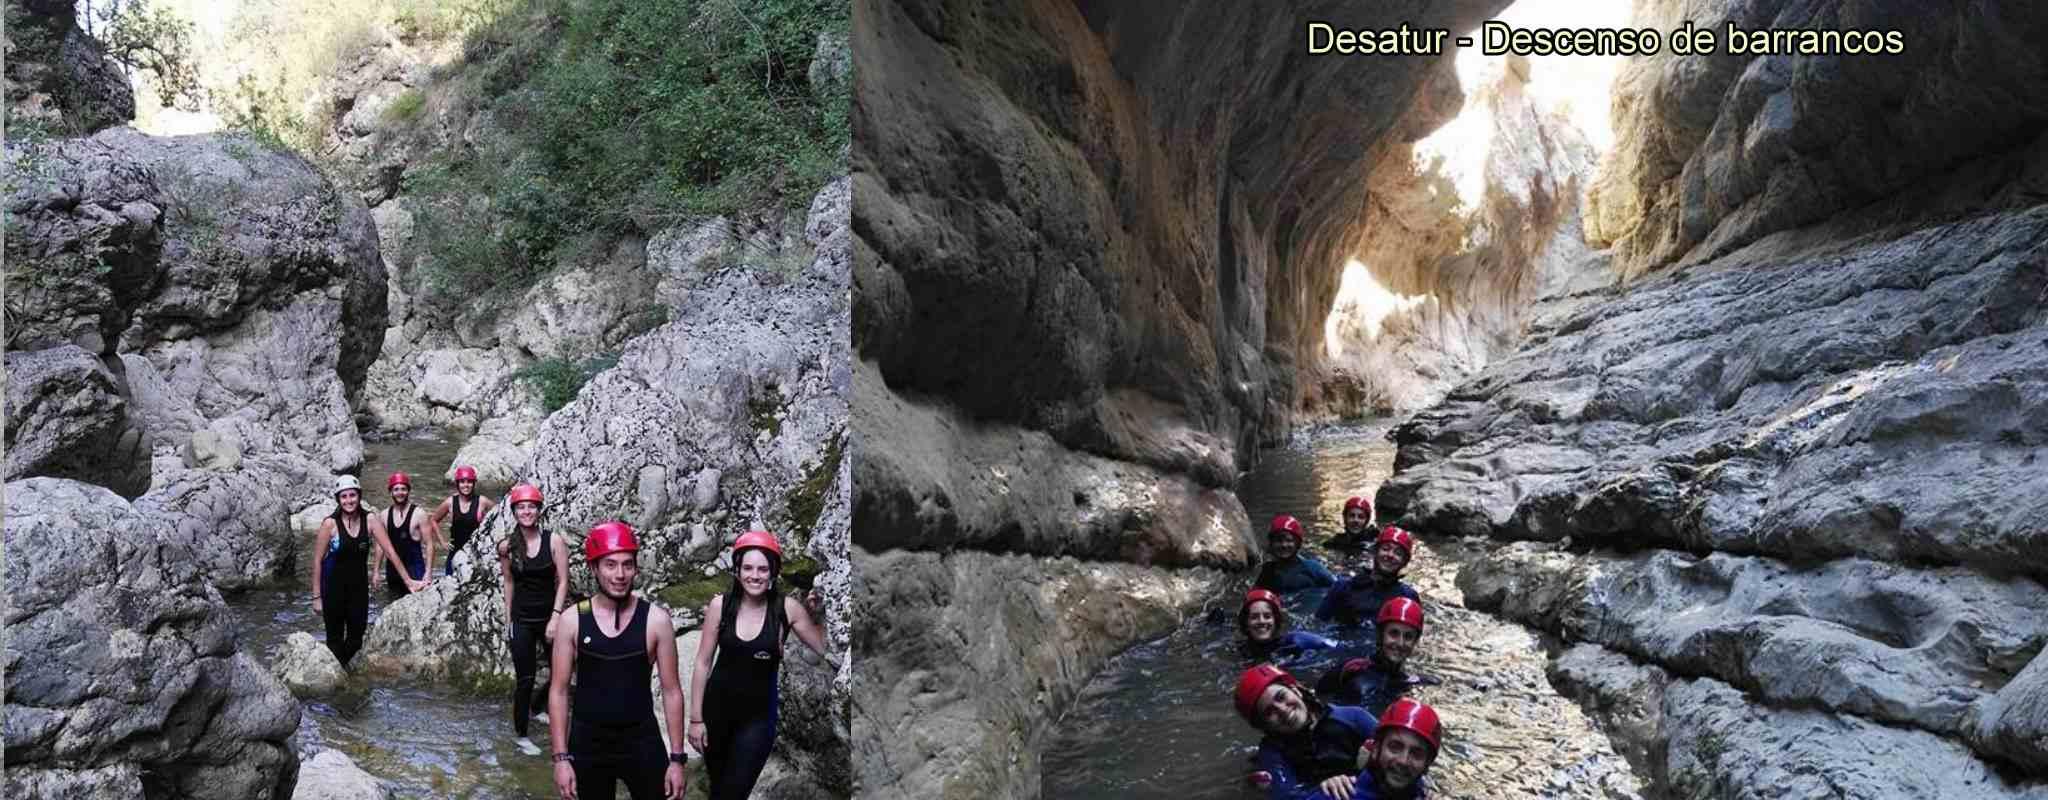 Descenso de Barrancos - Bercolon en Tuejar (Valencia)